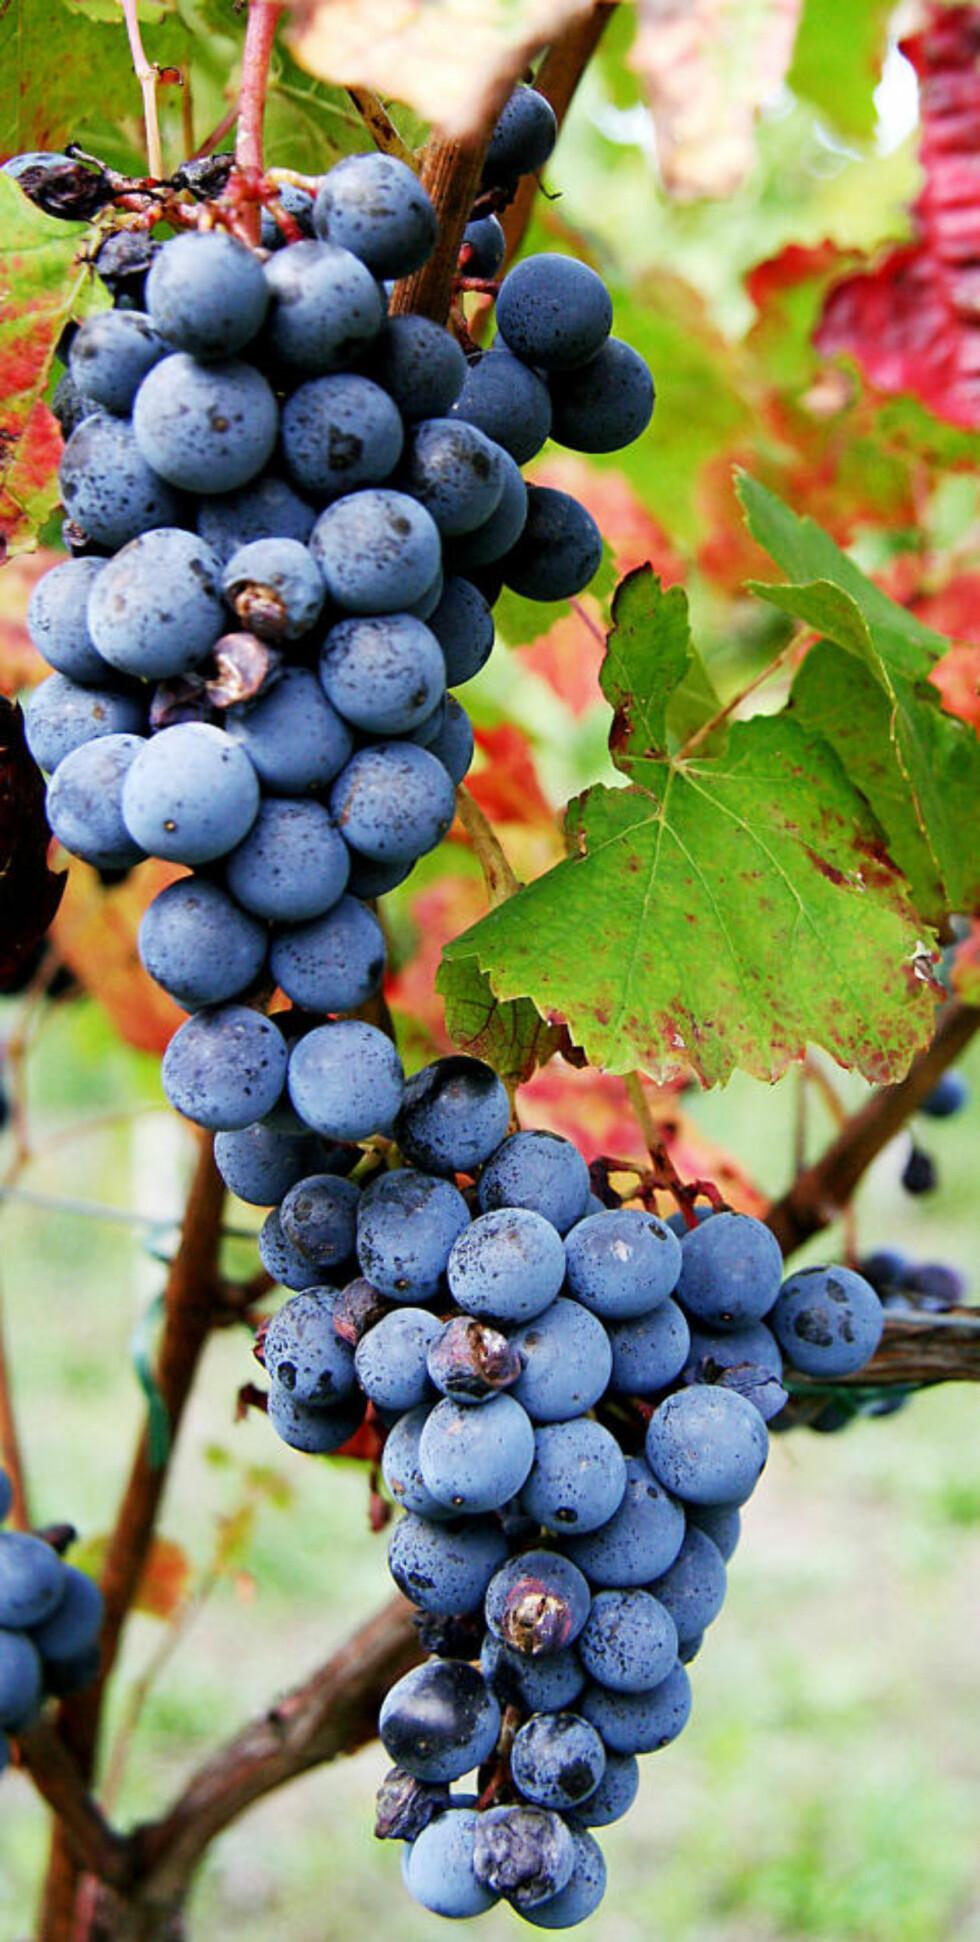 ITALIENSK: Druer som får henge og modne lenger, gir vinen et rundere preg og mindre harde tanniner  Foto: KIRSTEN M. BUZZI